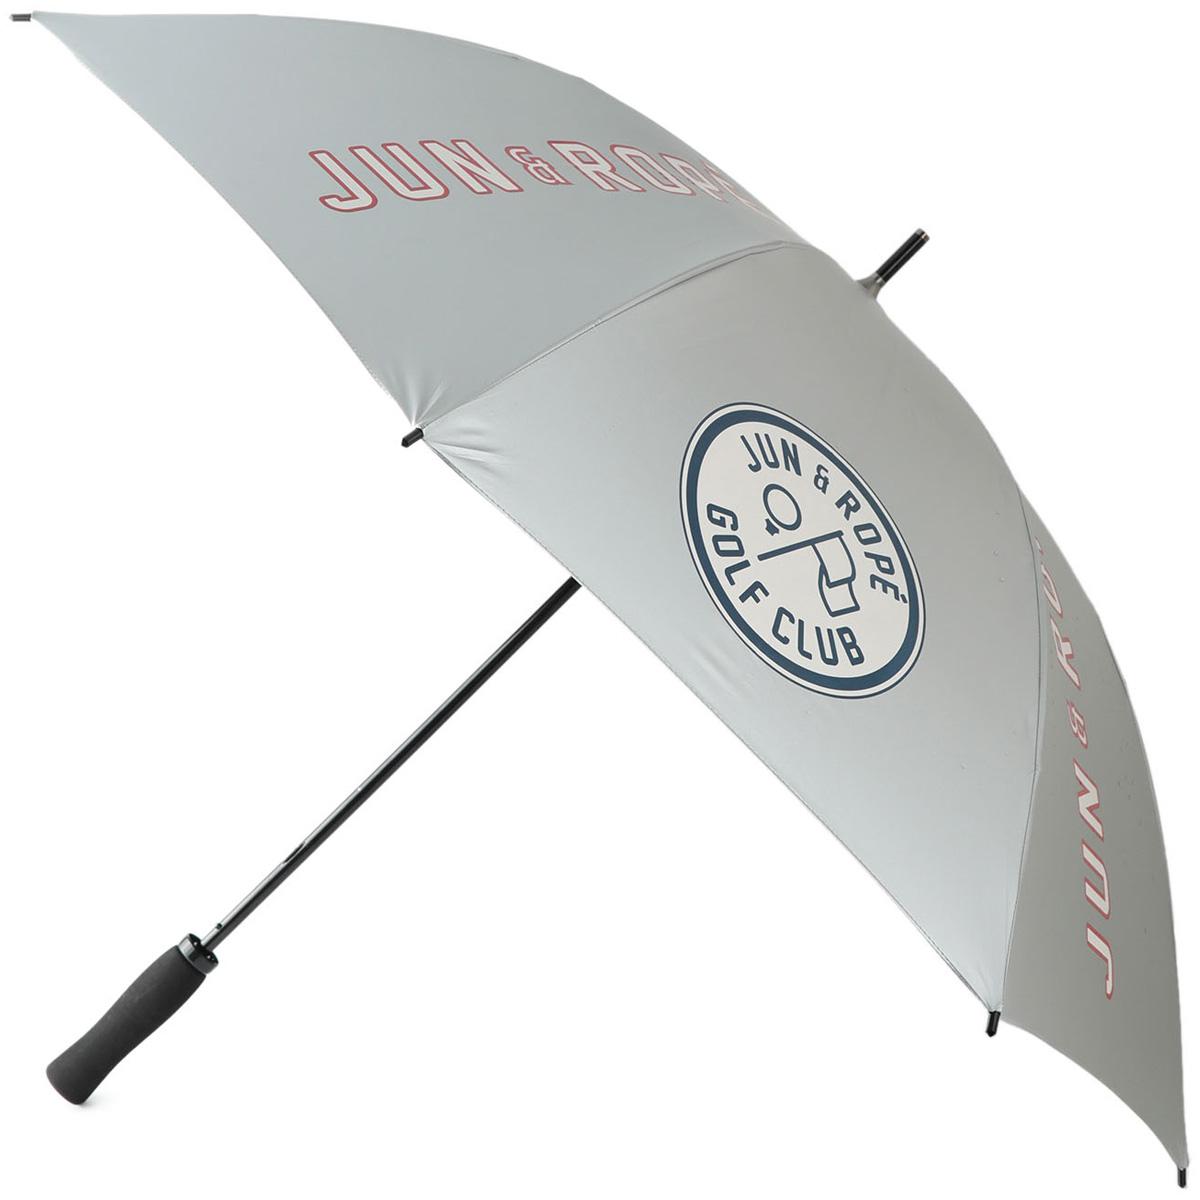 ロゴ入りUV傘